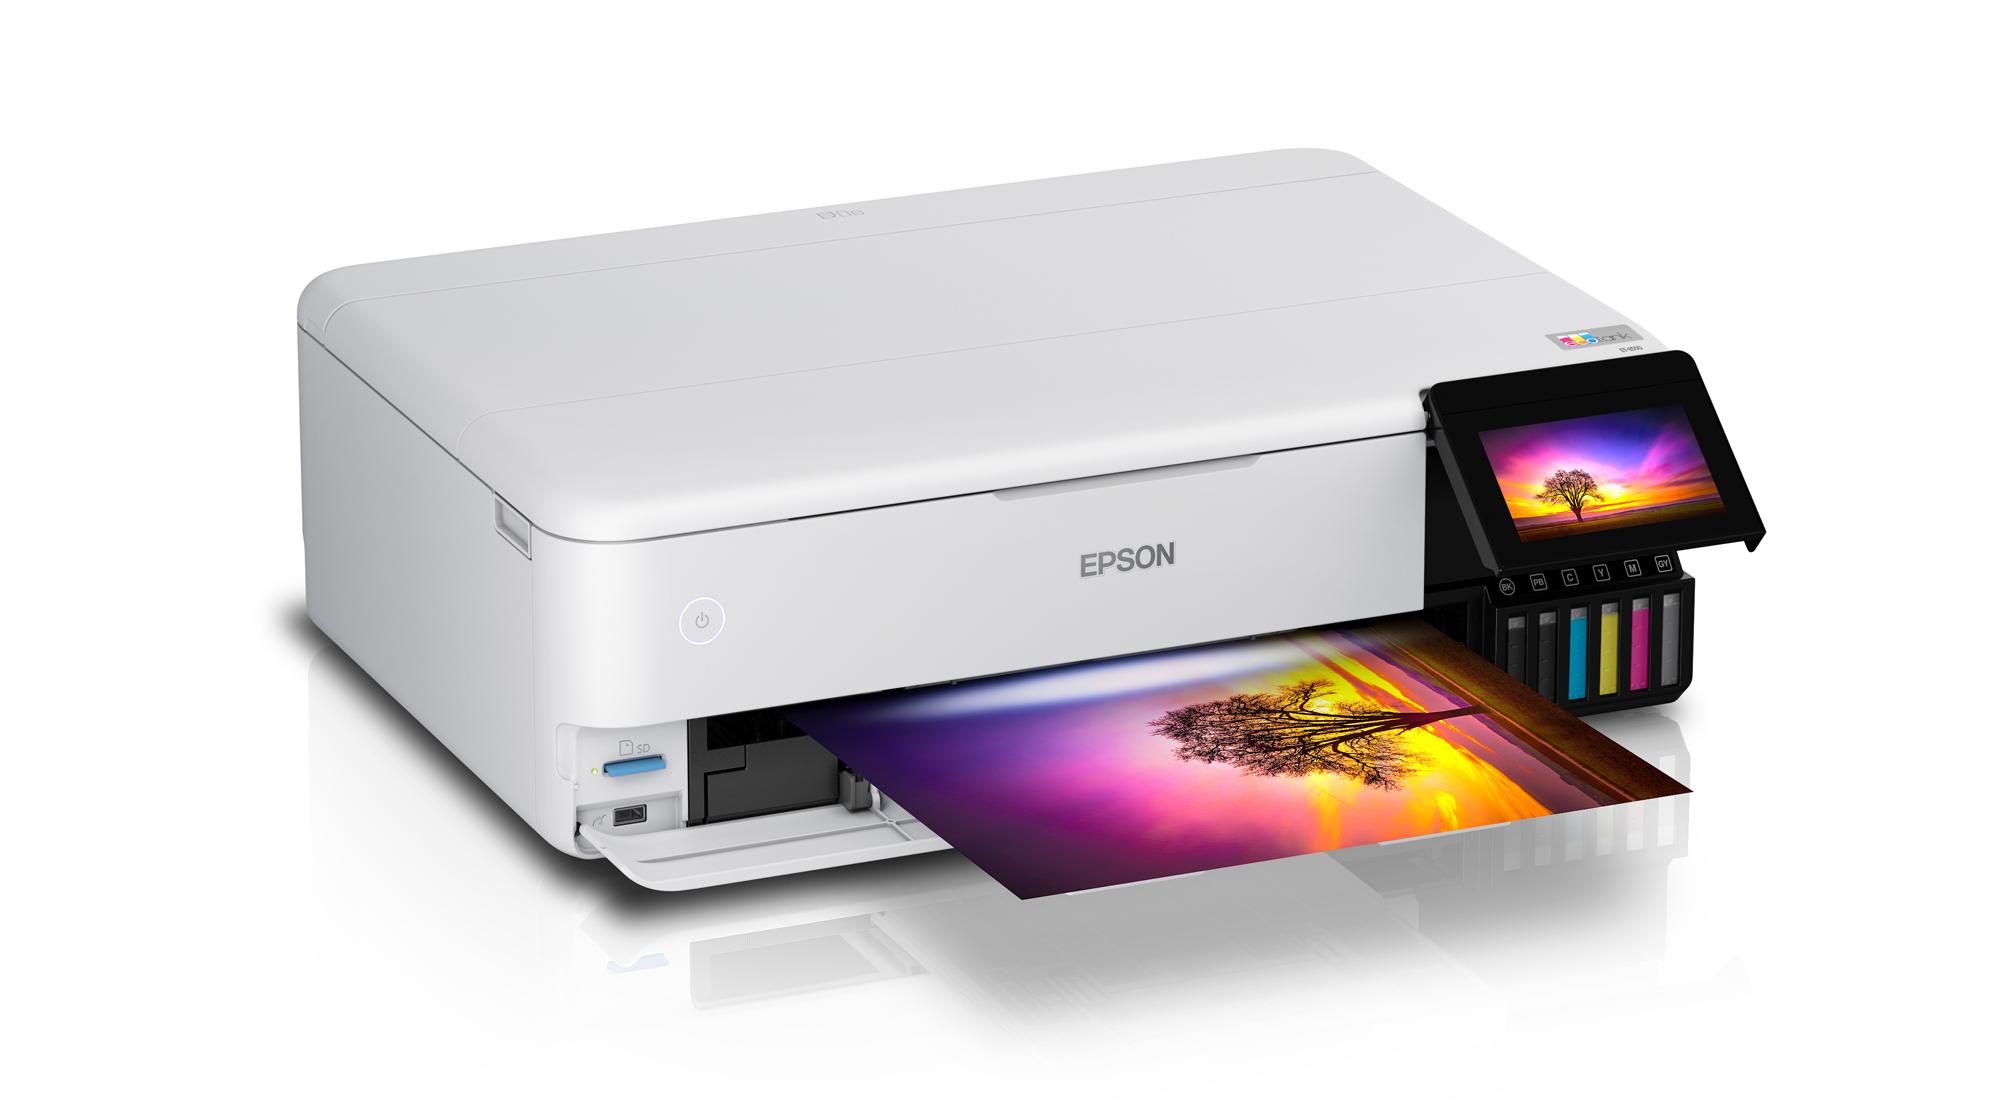 The epson ET-8550 Printer